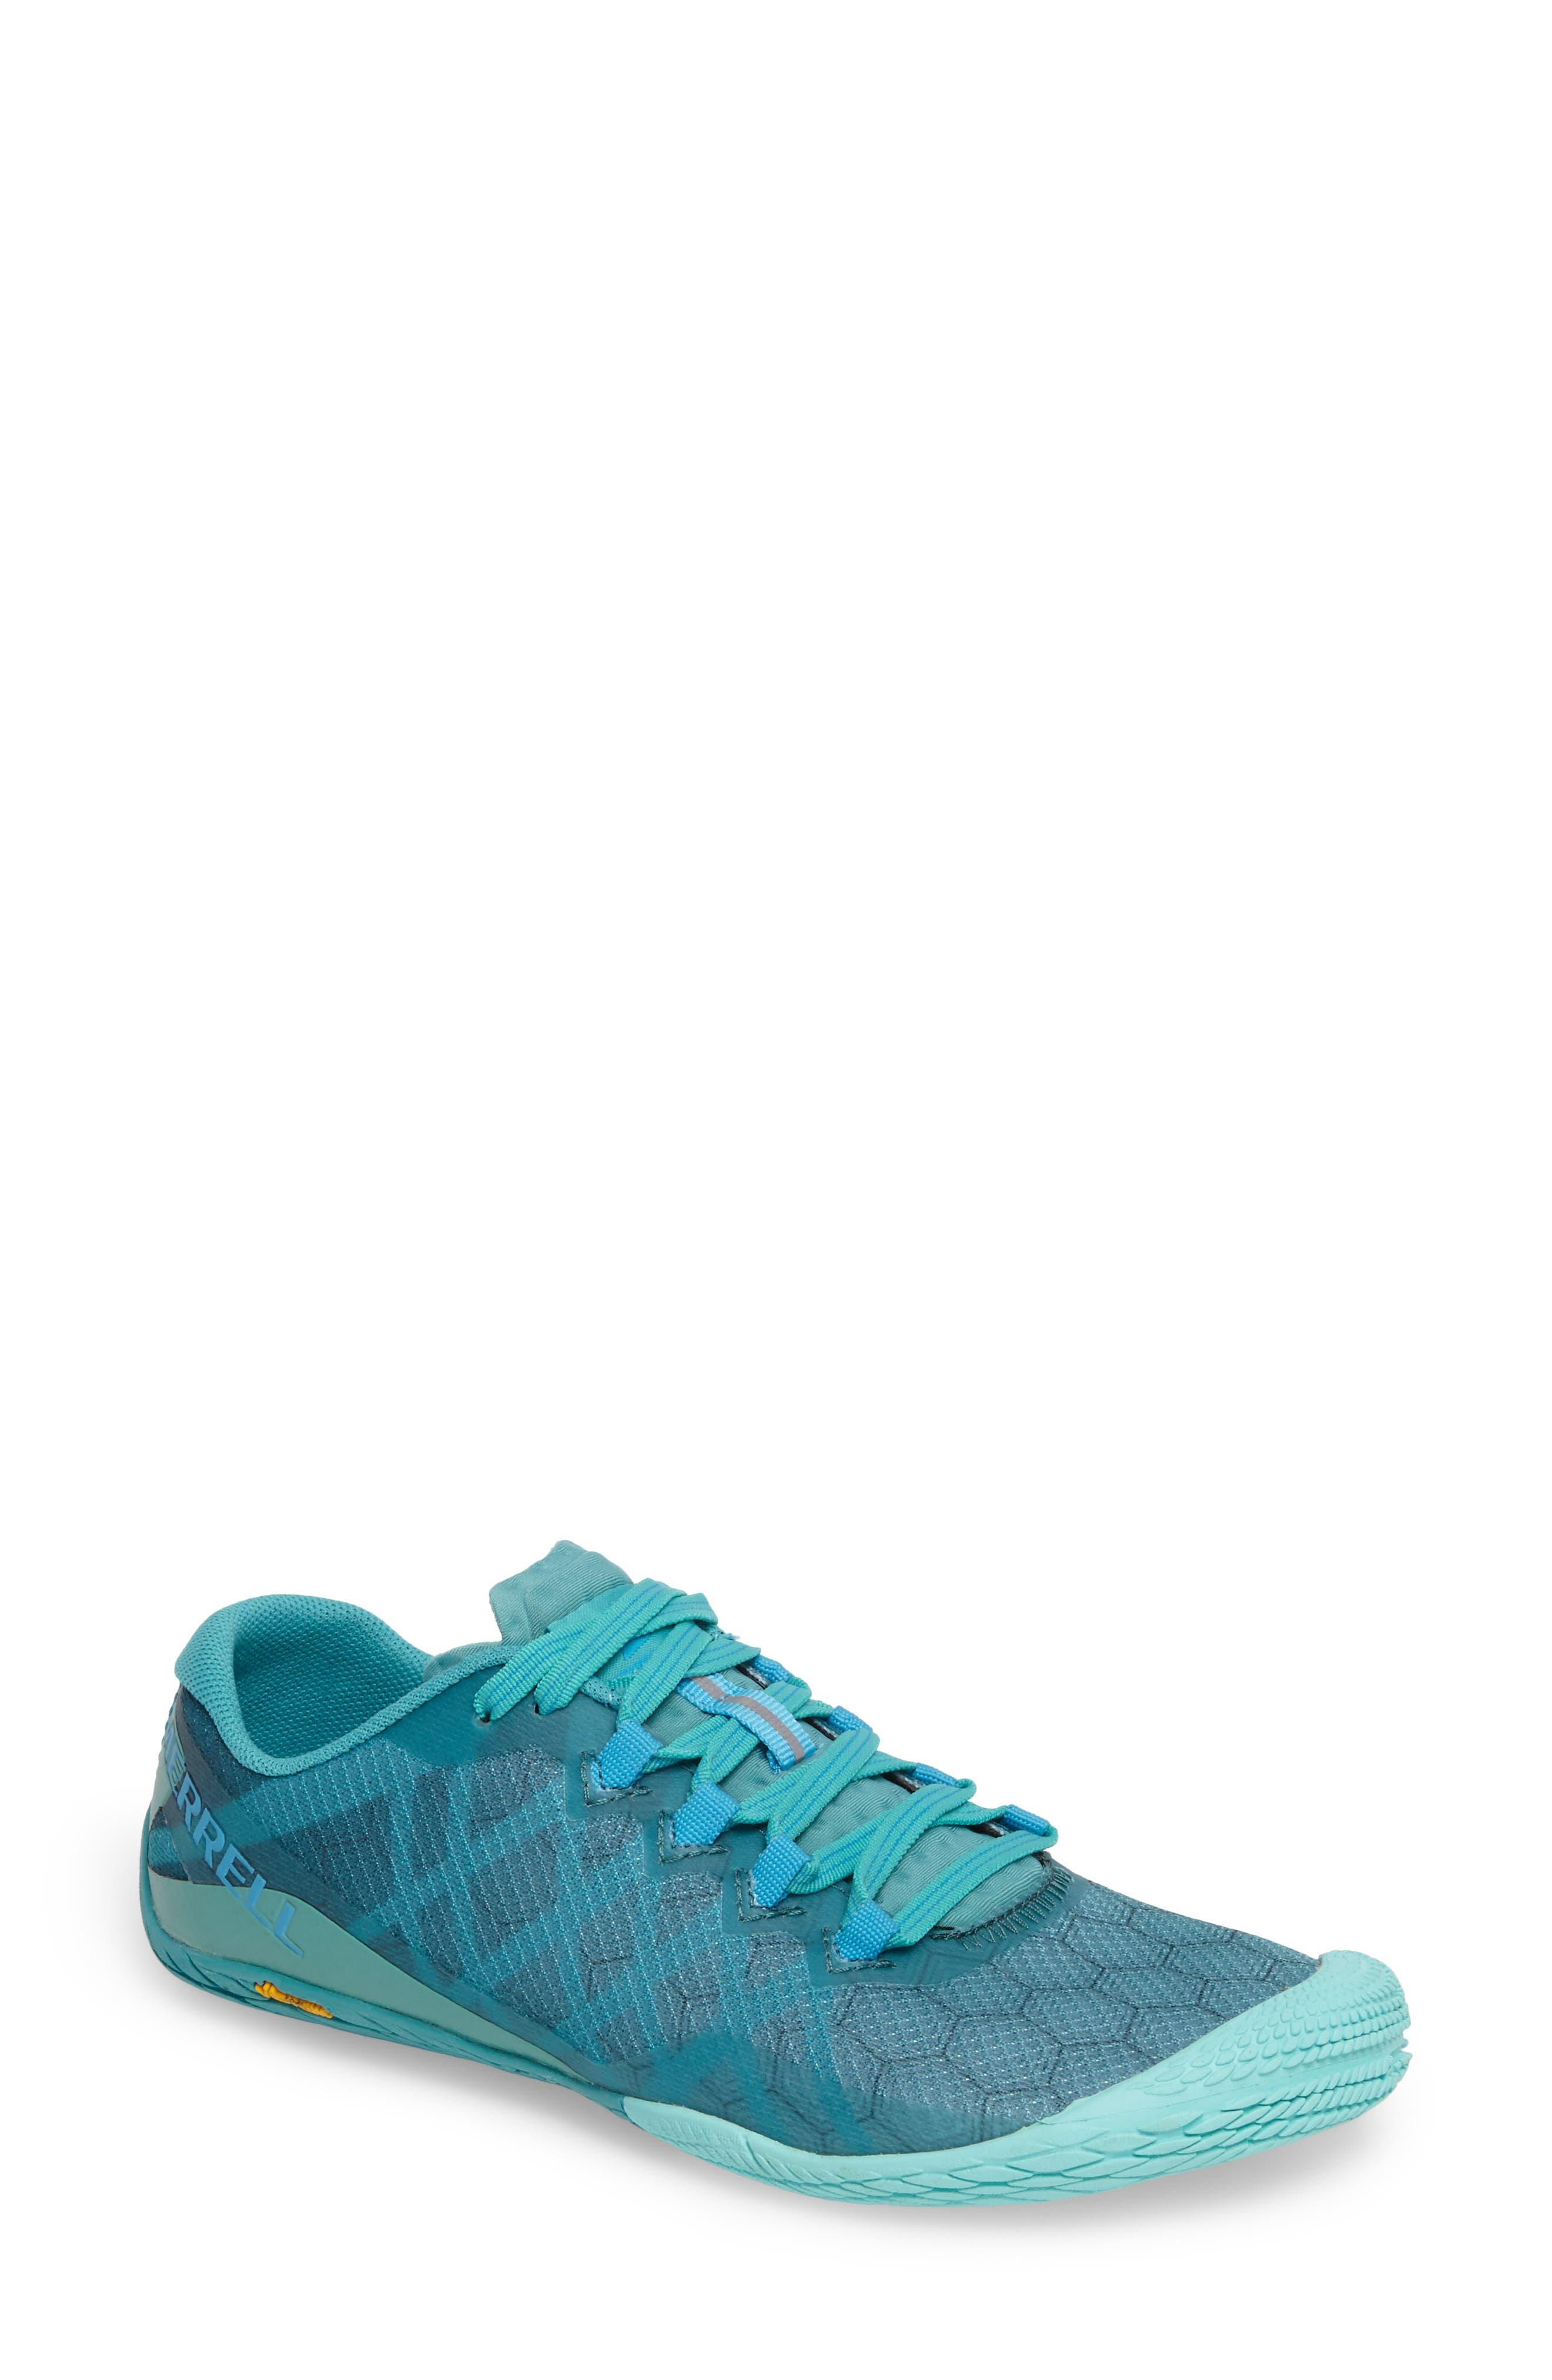 Merrell Vapor Glove 3 Trail Running Shoe (Women)